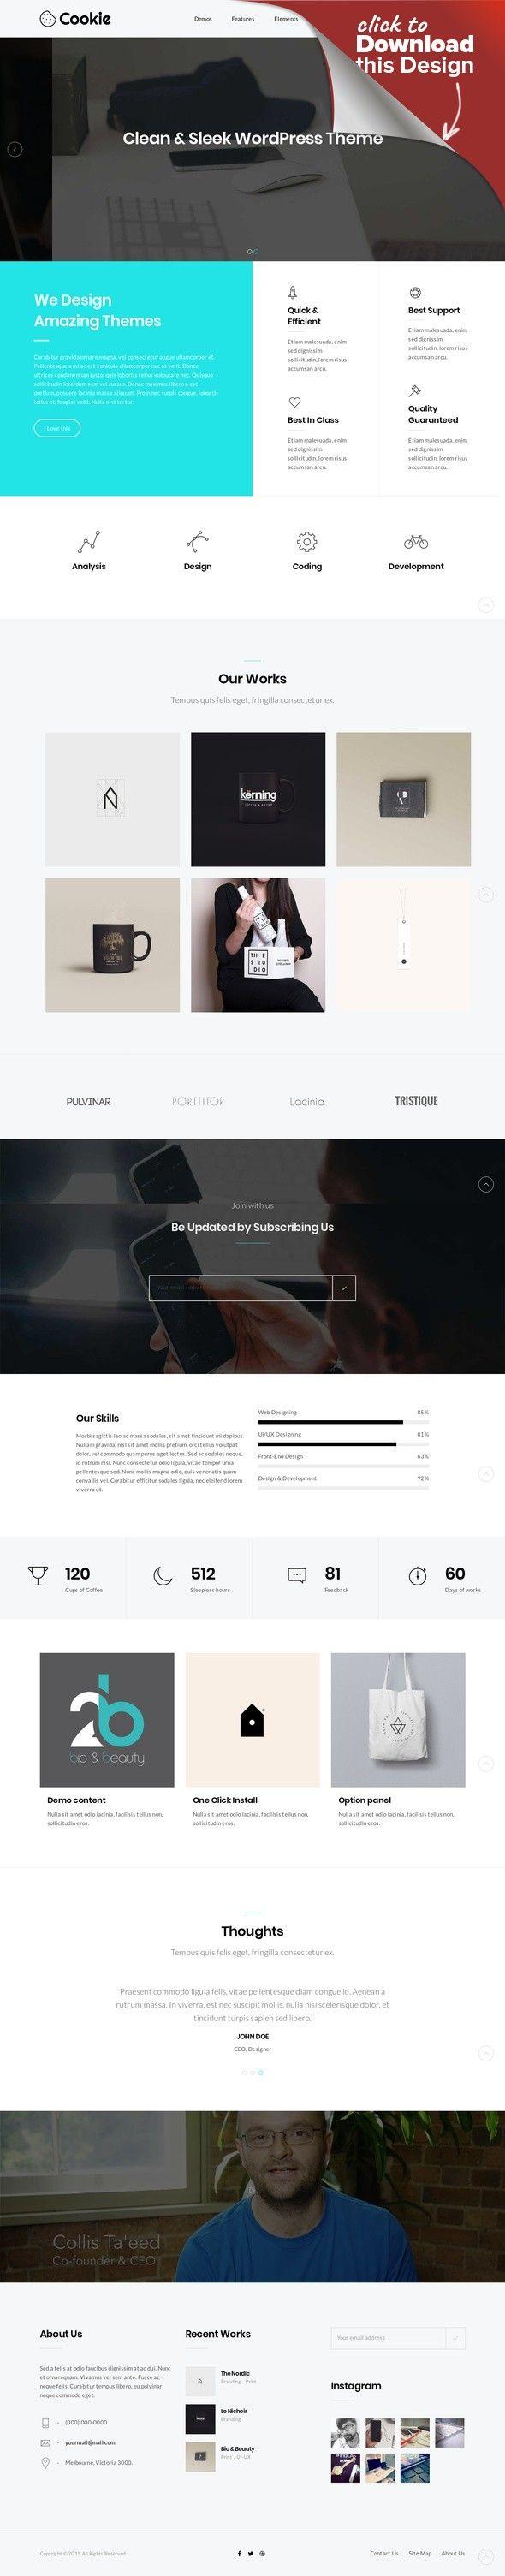 Mejores 118 imágenes de Web Design Shop en Pinterest